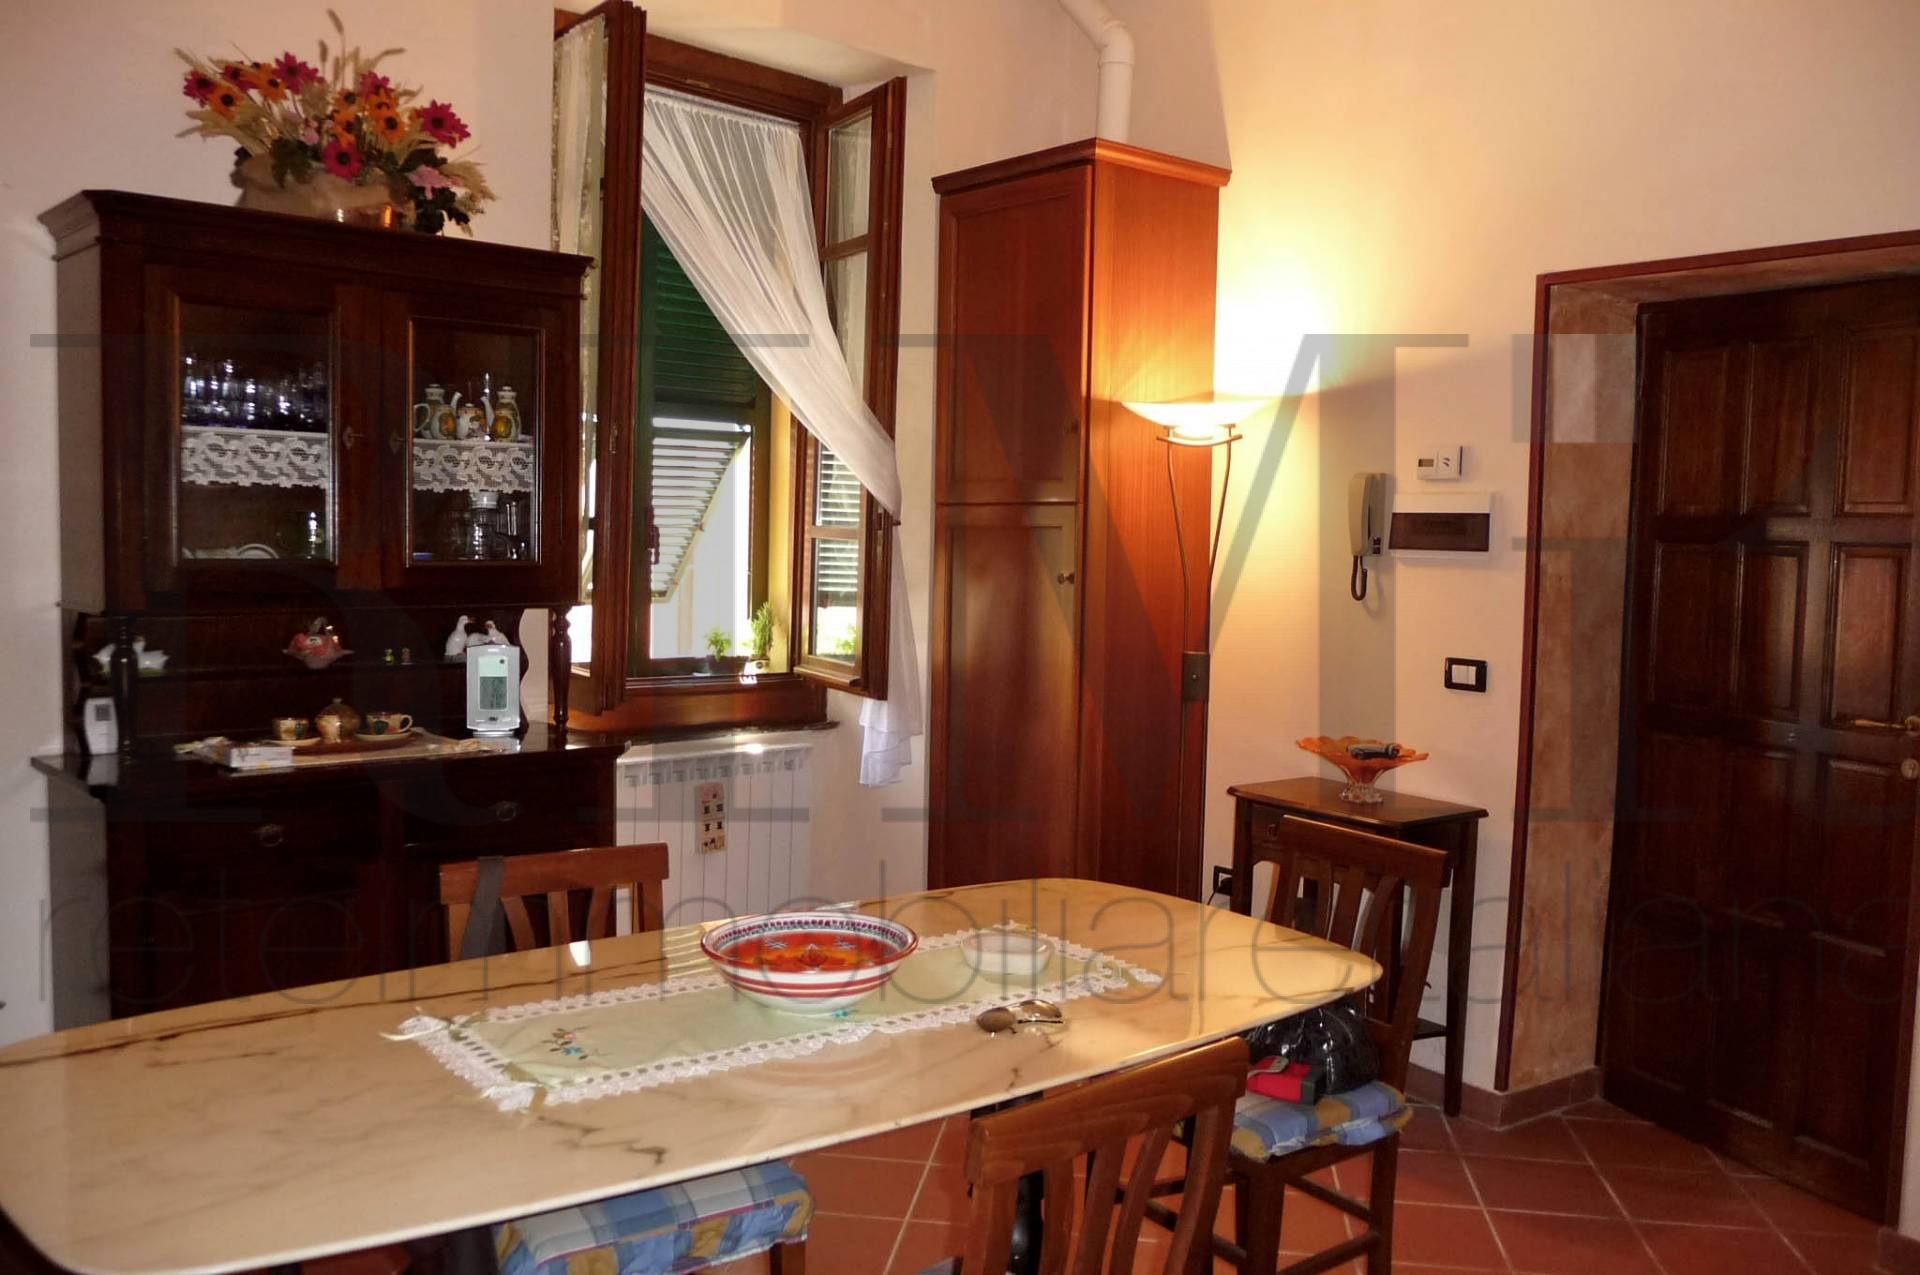 Appartamento in vendita a Carro, 3 locali, prezzo € 75.000 | CambioCasa.it